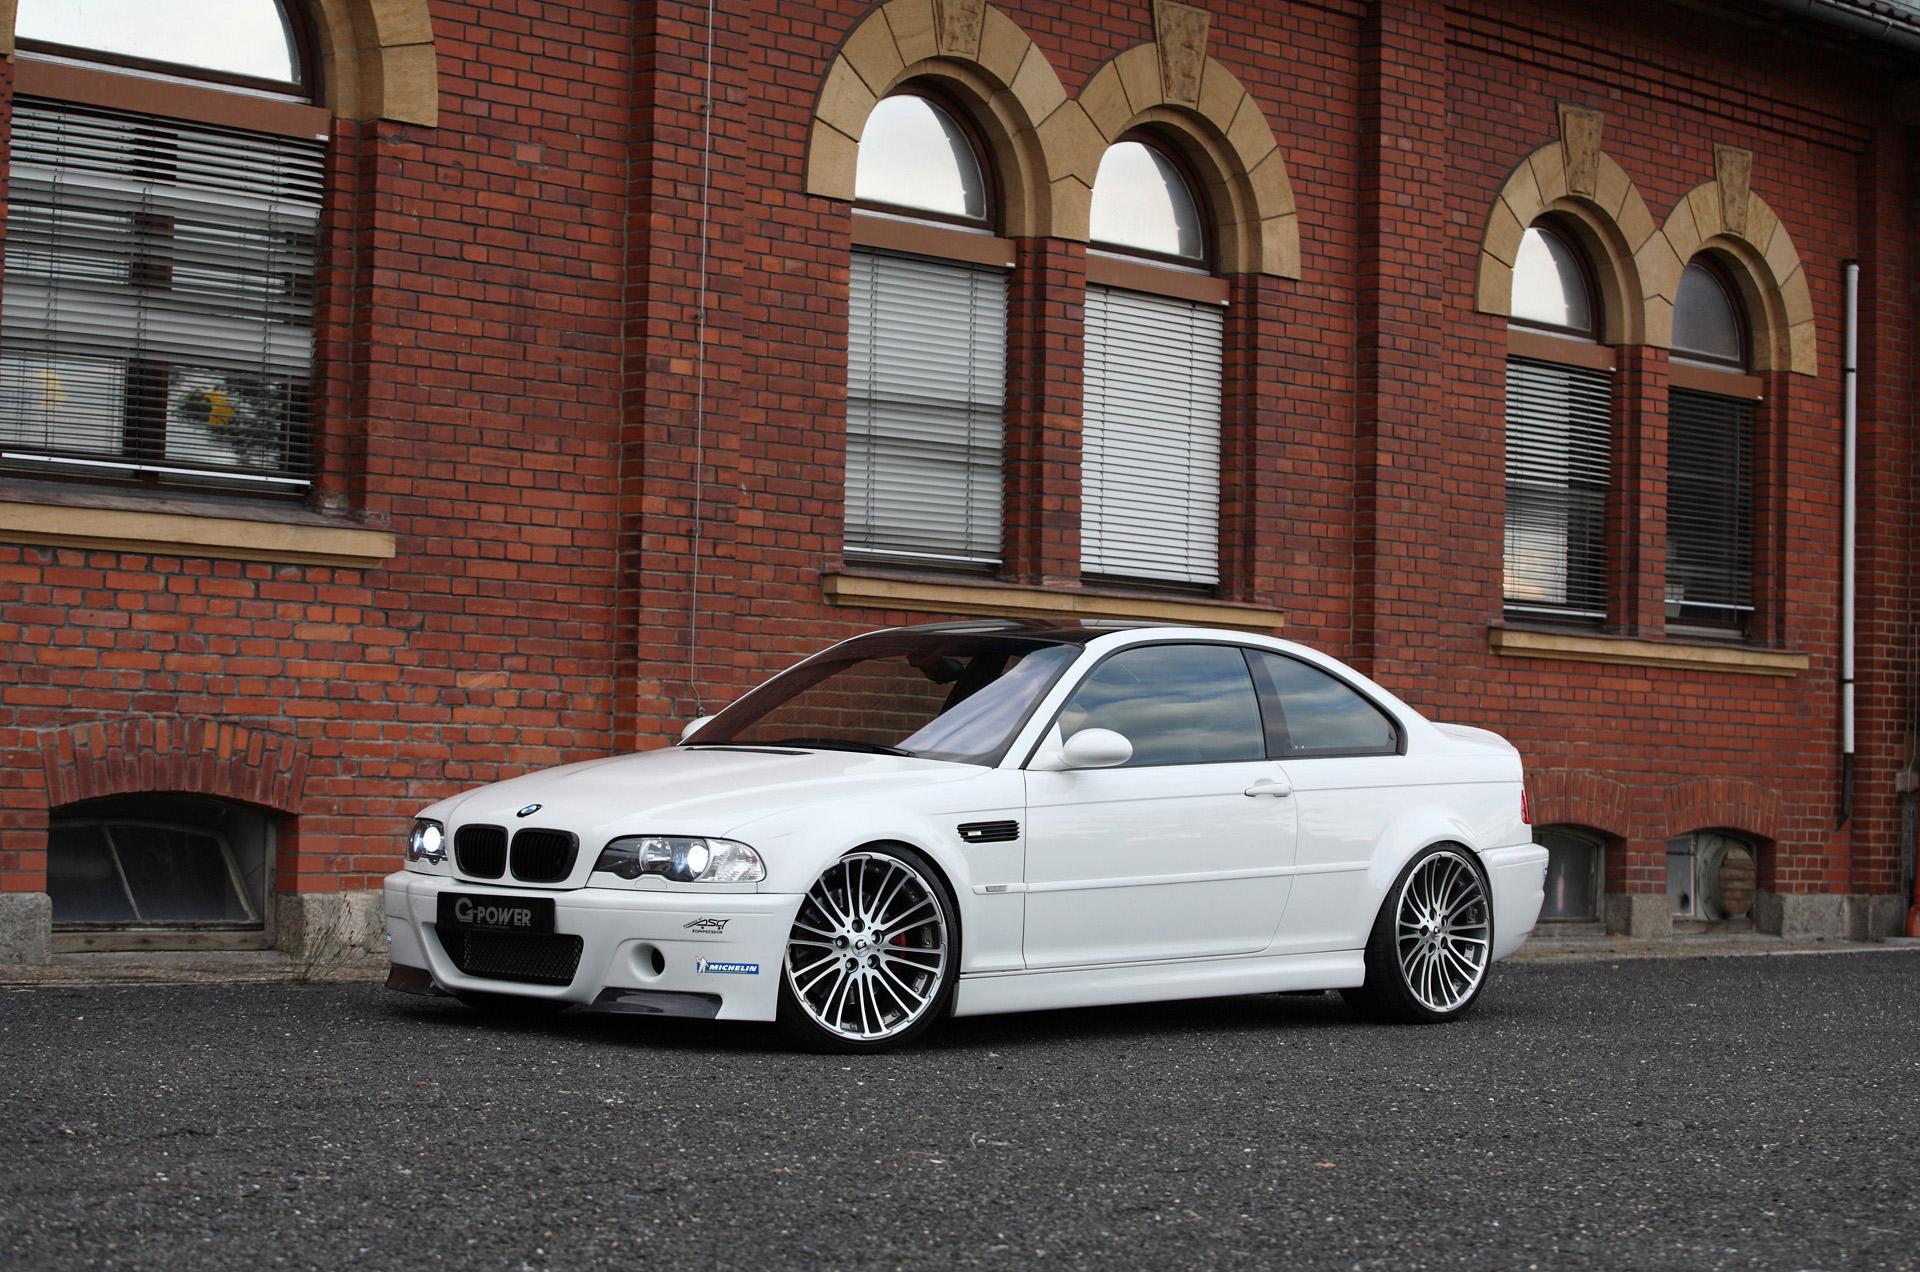 2012 G-POWER BMW M3 E46 - HD Pictures @ carsinvasion.com